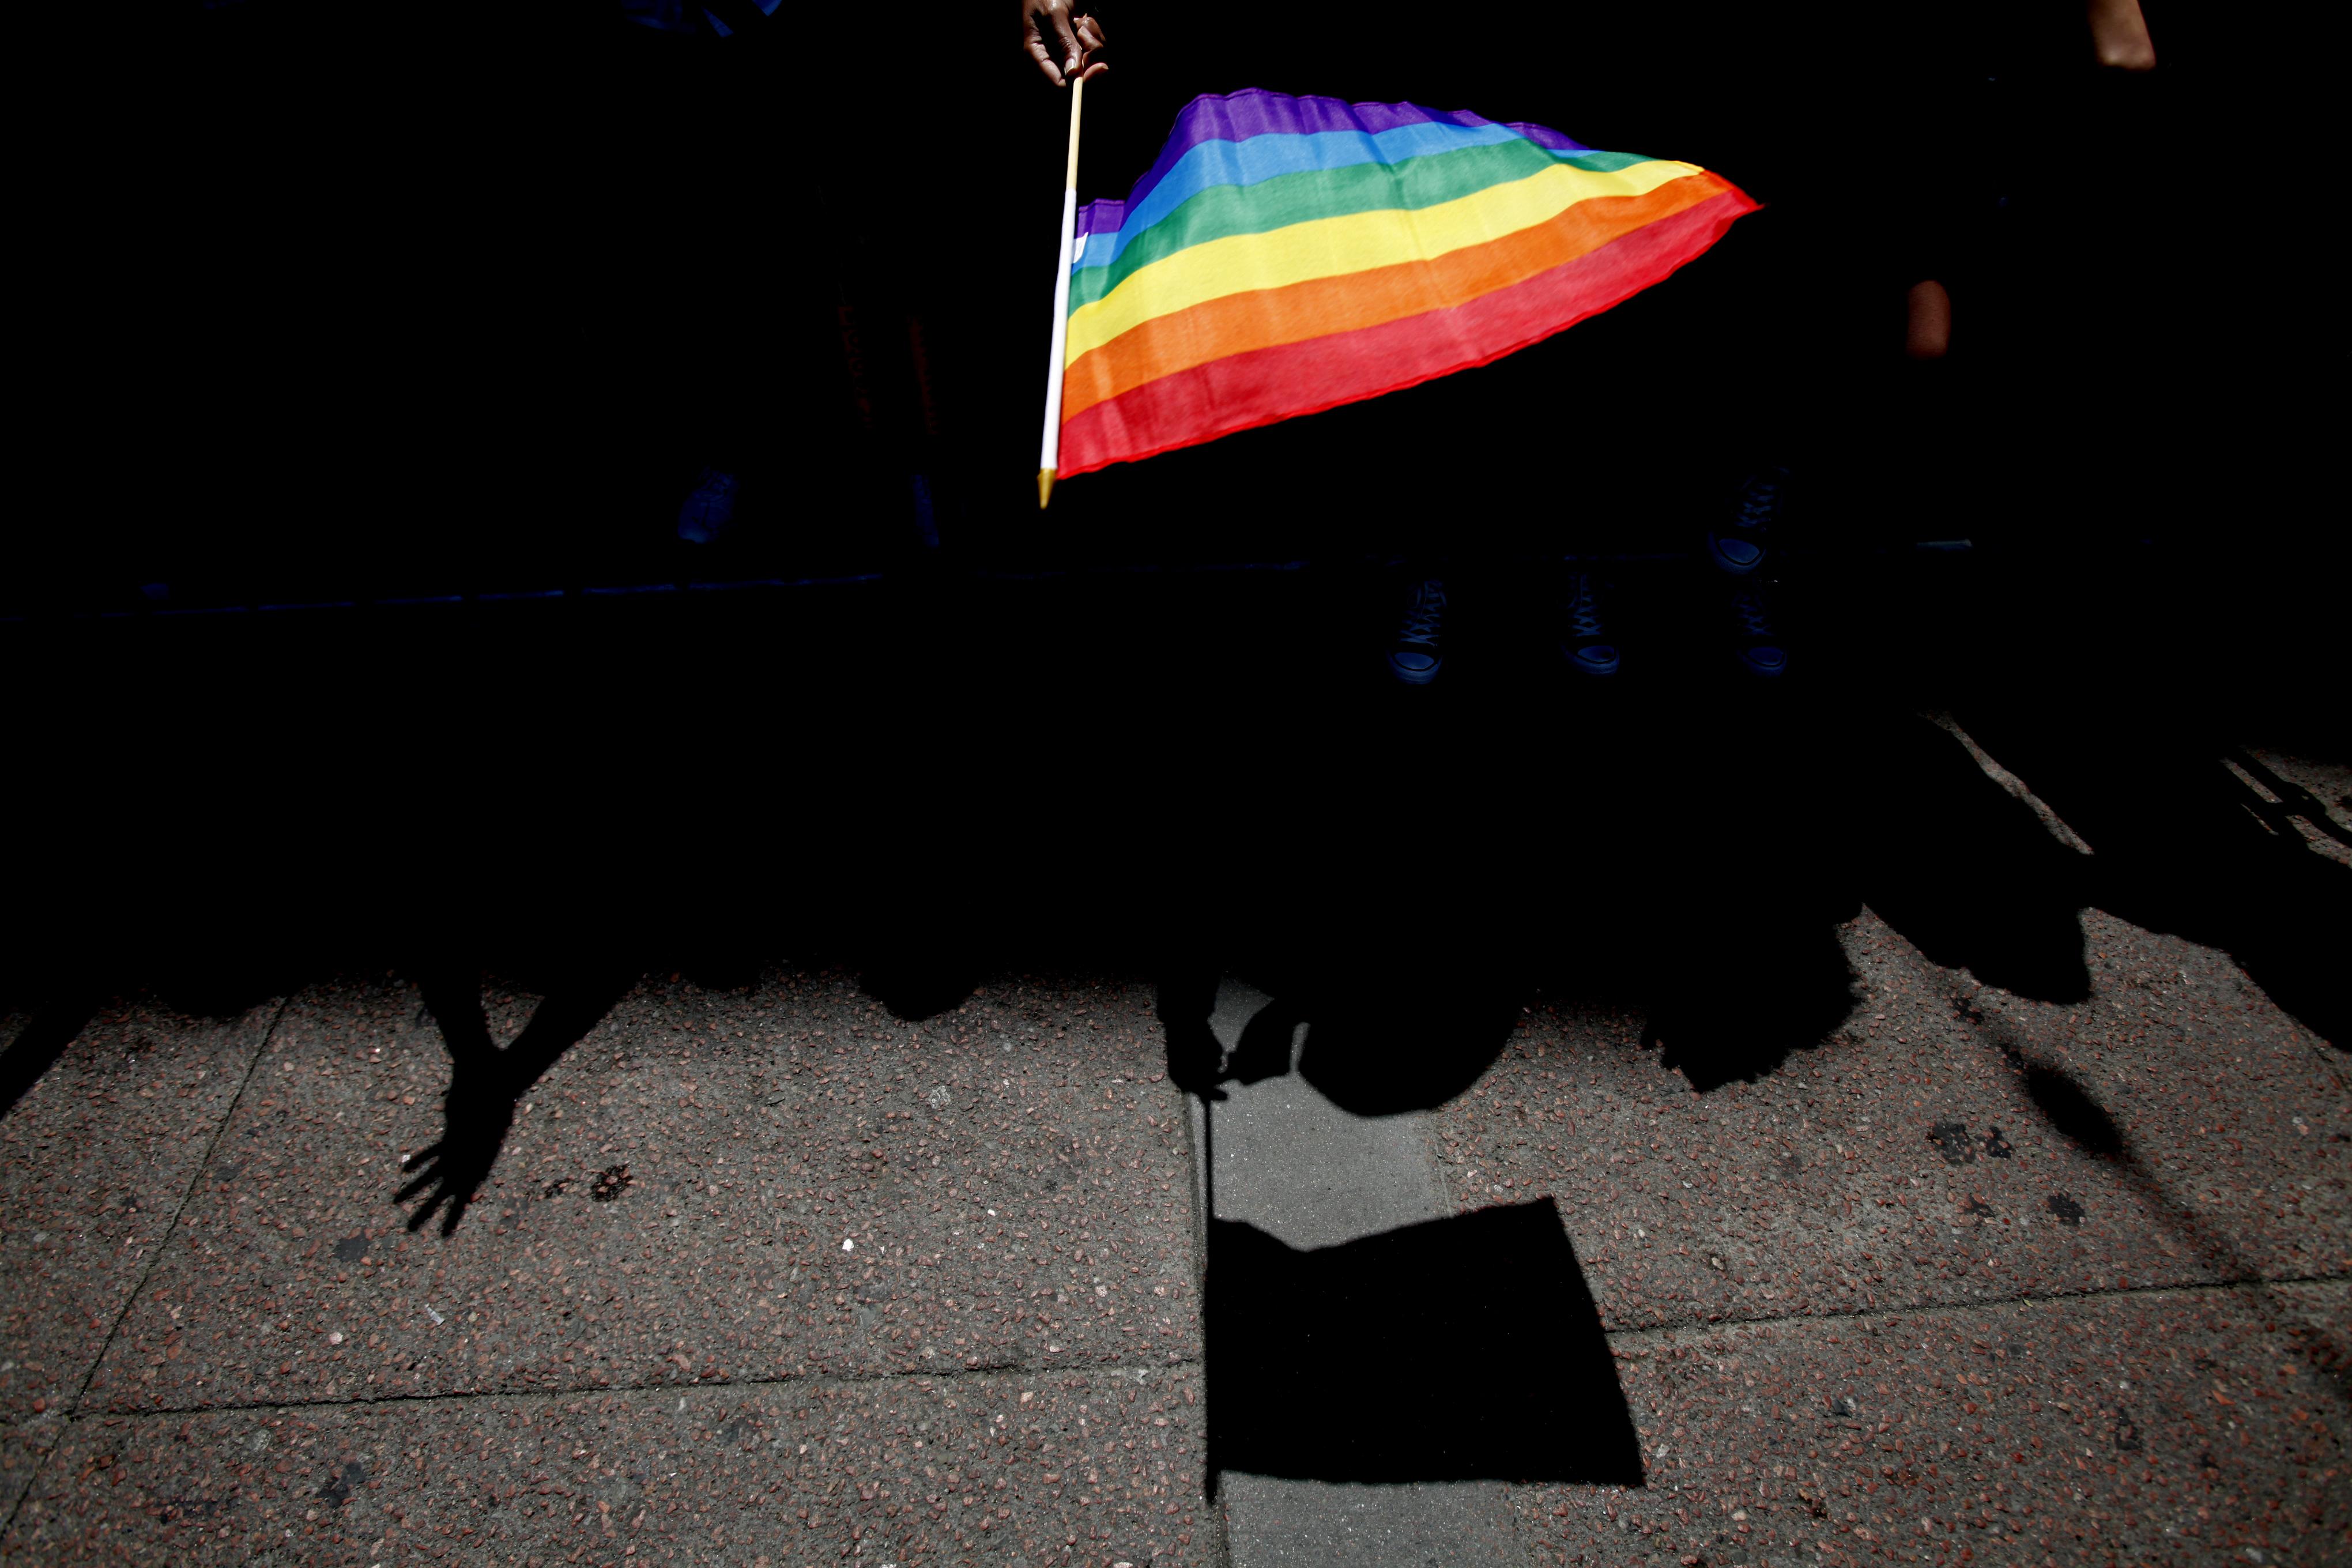 Mostantól nem lehet kirakatba tenni a homoszexualitást